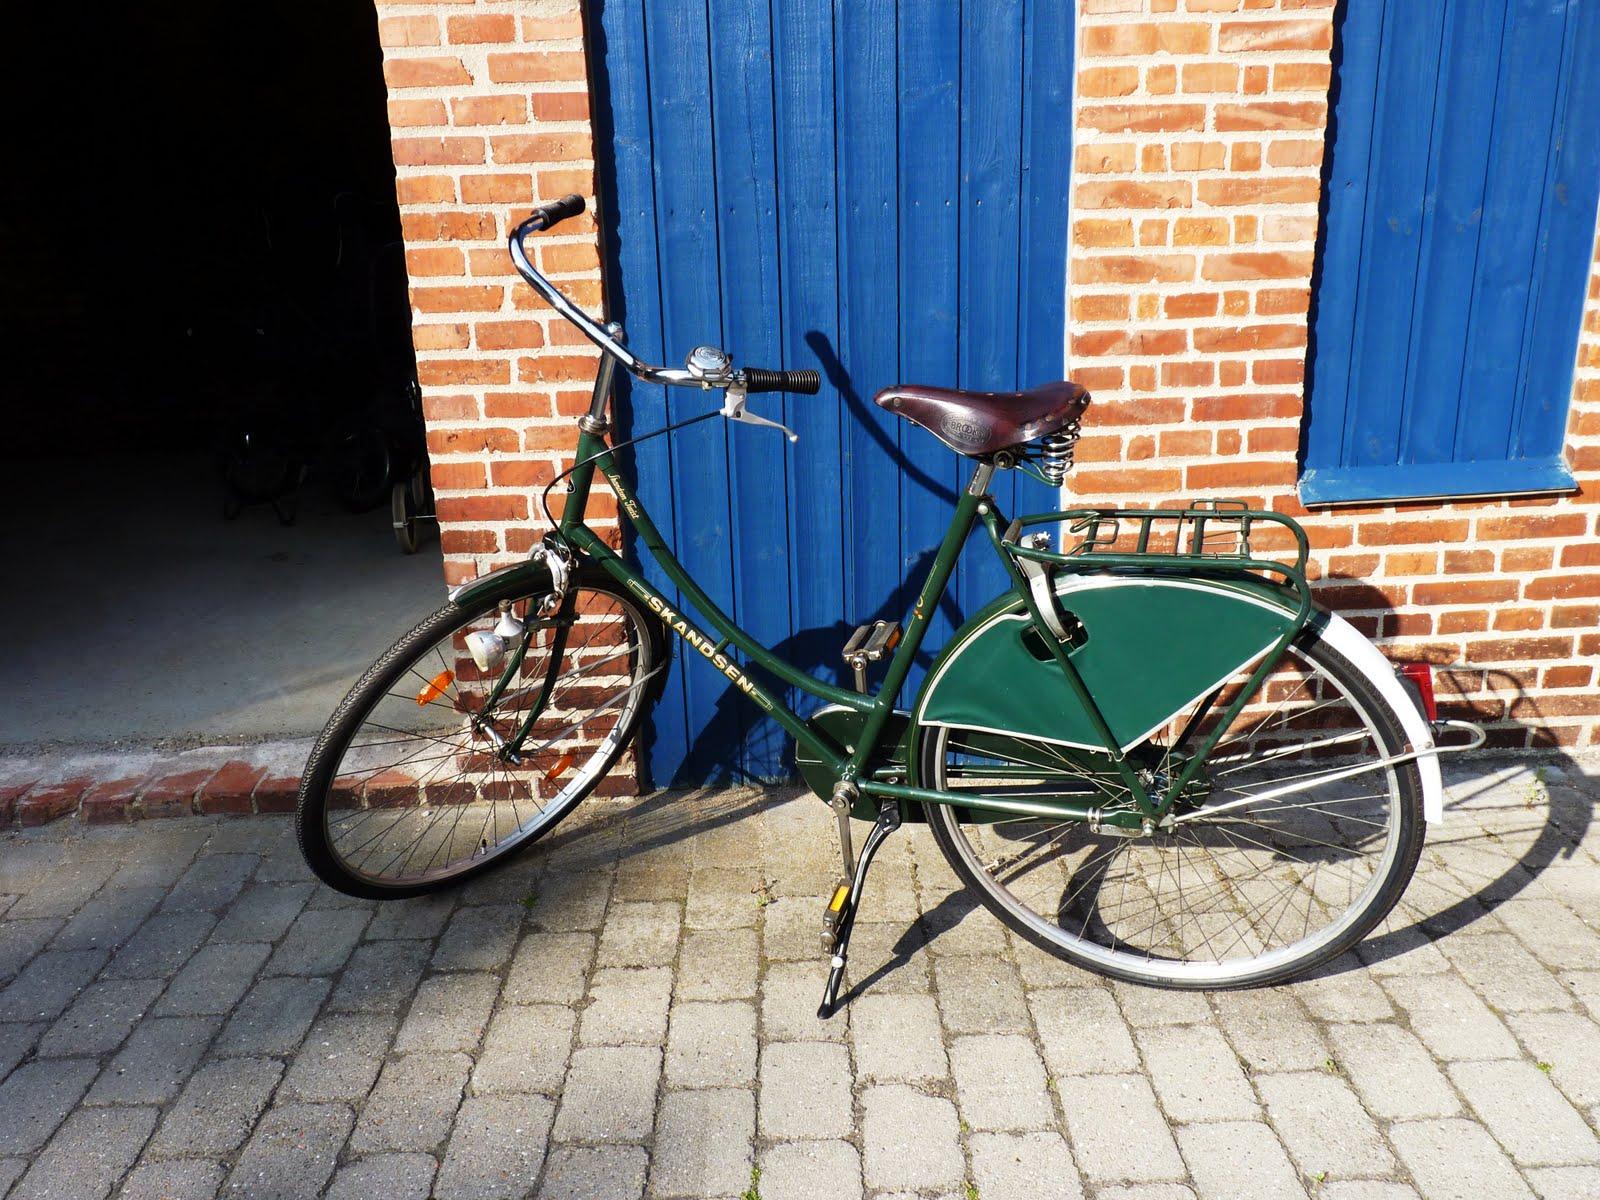 skandsen cykler